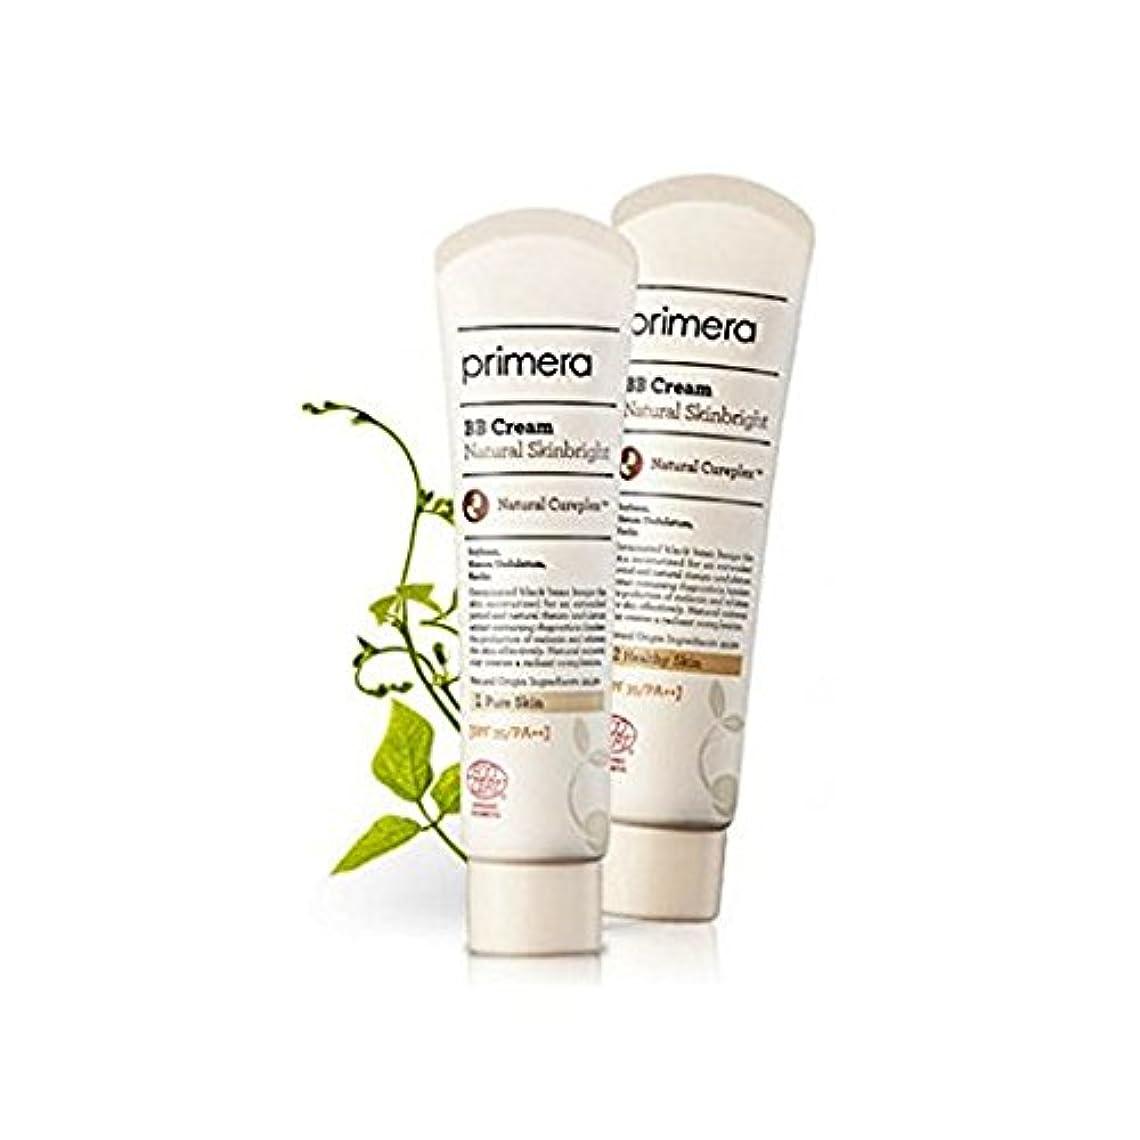 満足させるジュース愛撫Primera(プリメラ) ナチュラル スキン ブライト BBクリーム 30ml(Healthy Skin) /Primera Natural Skin Bright BB Cream 30ml(Healthy Skin...